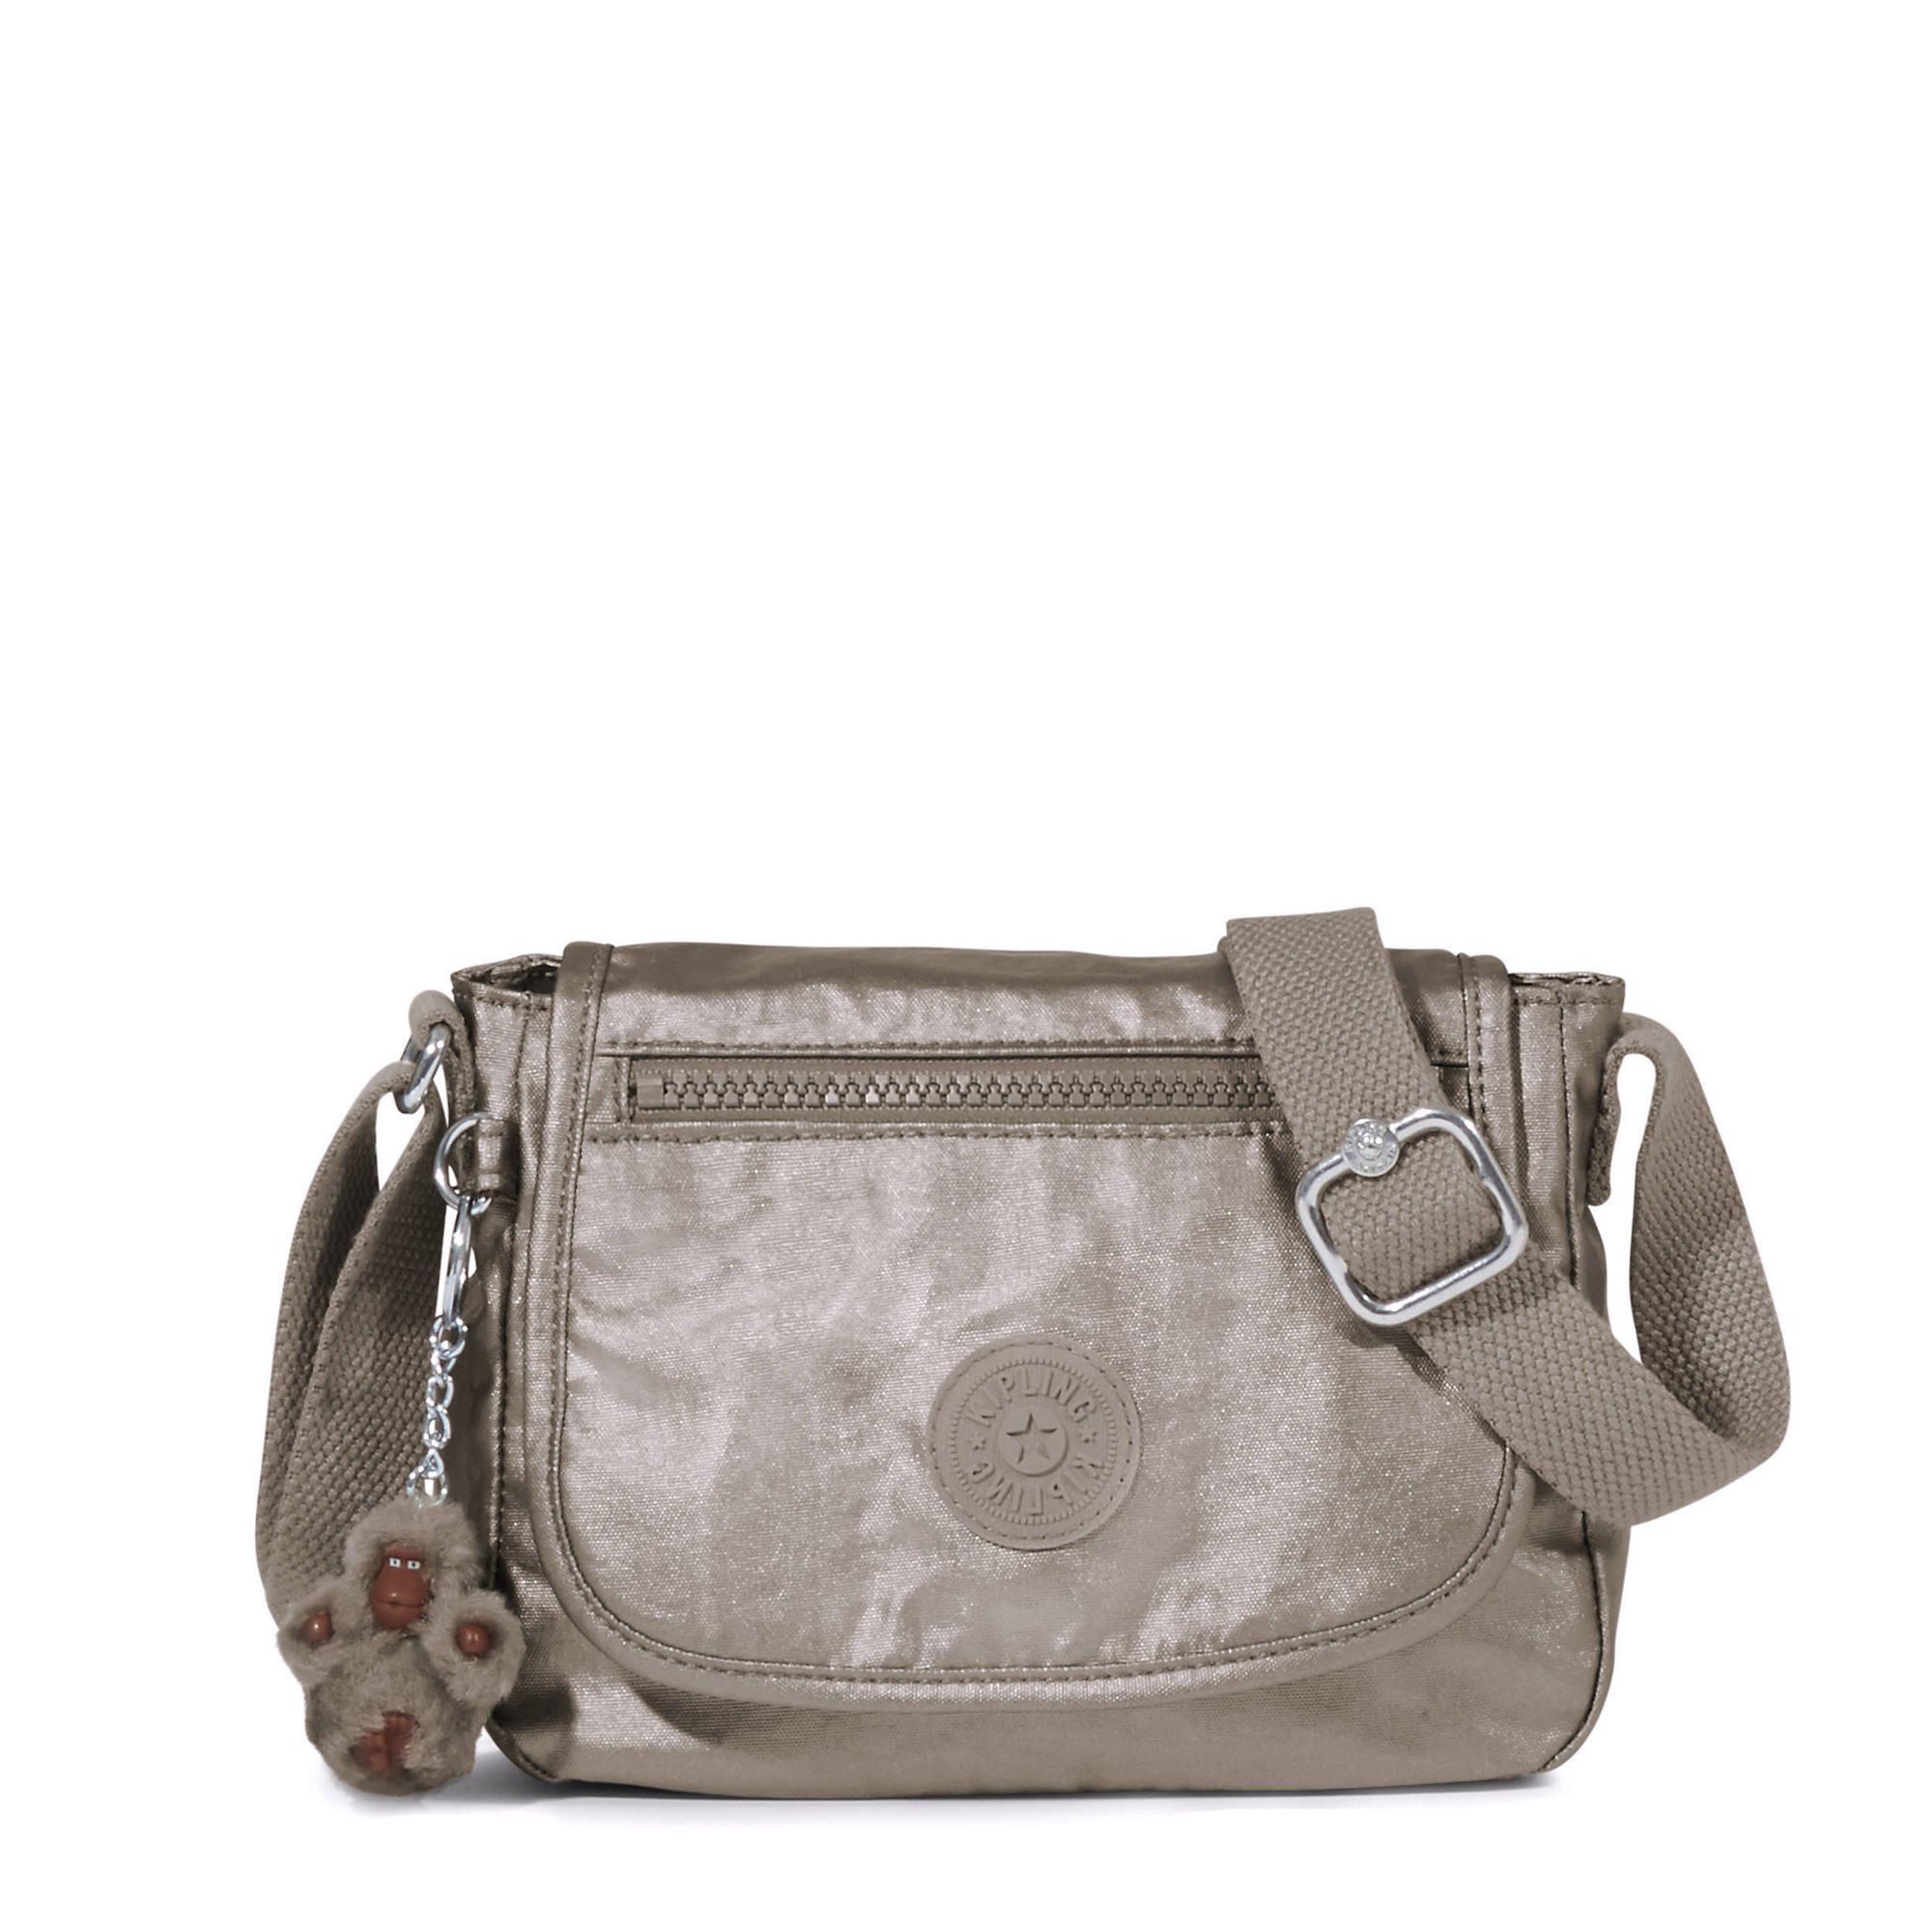 Sabian Crossbody Metallic Mini Bag Pewter Large